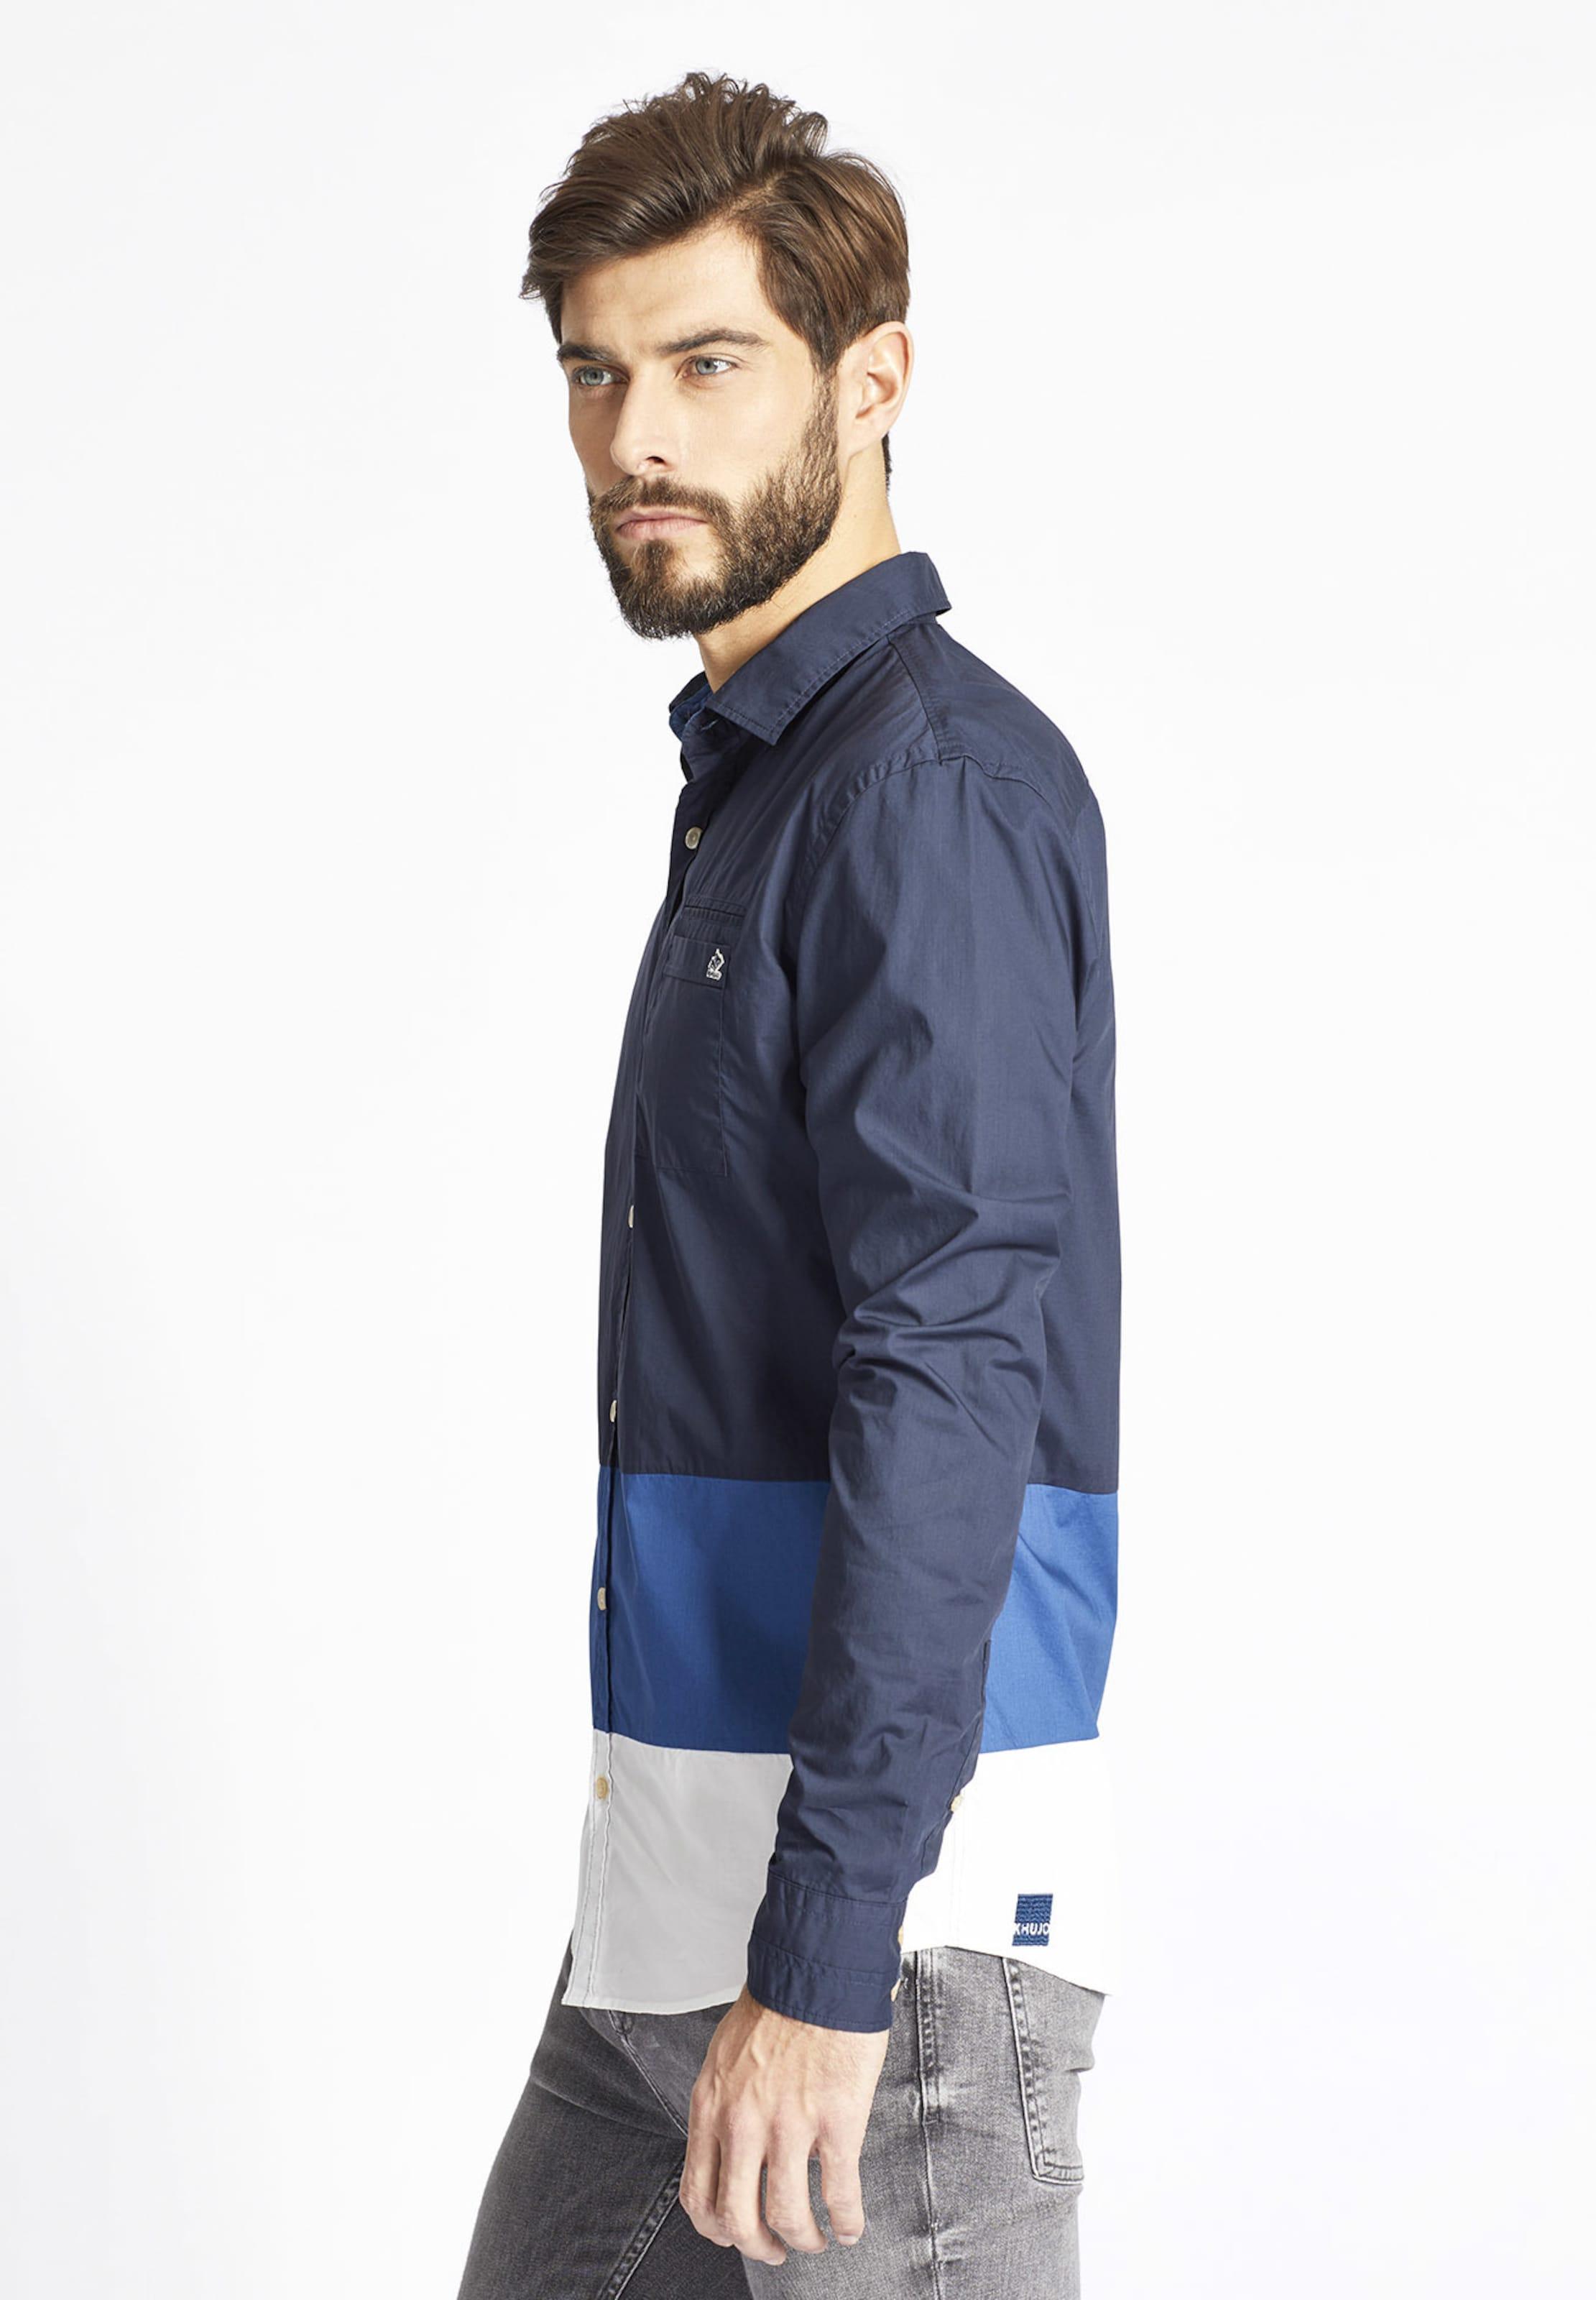 Freizeithemd 'revan' In Weiß Khujo BlauDunkelblau Fl1JcK3T